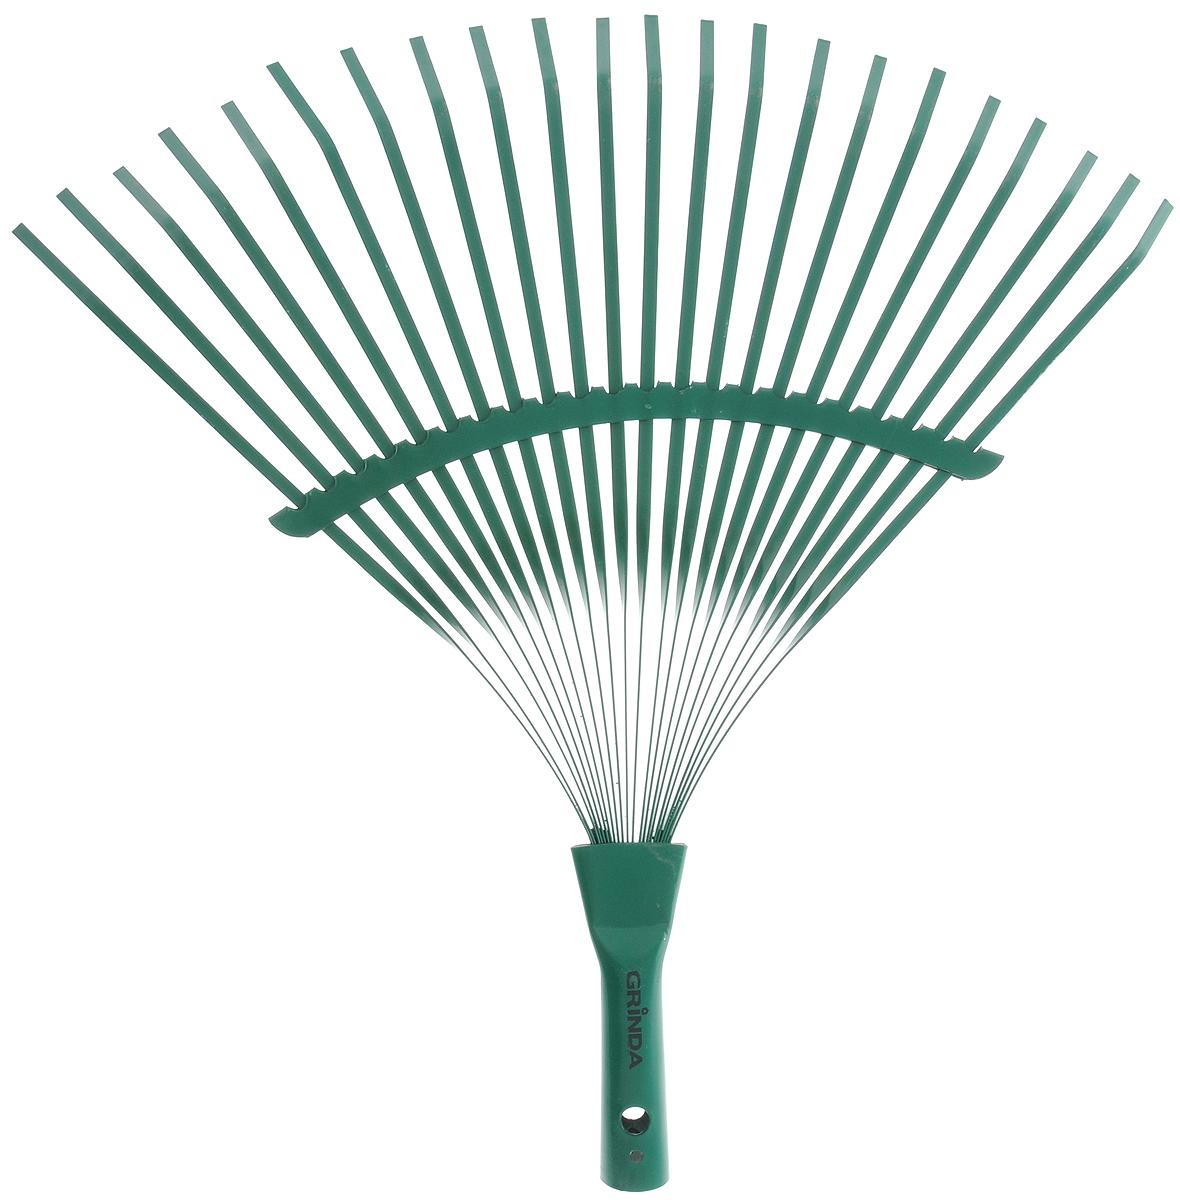 Грабли Grinda, веерные, цвет: зеленый, 22 зубаTL-100C-Q1Веерные грабли Grinda изготовлены из прочной углеродистой стали и идеально подходят для уборки листьев, срезанной травы и прочего садового мусора. Благодаря большому количеству зубцов, расположенных по принципу веера, уборка территории будет сделана в короткие сроки. Черенок в комплект не входит.